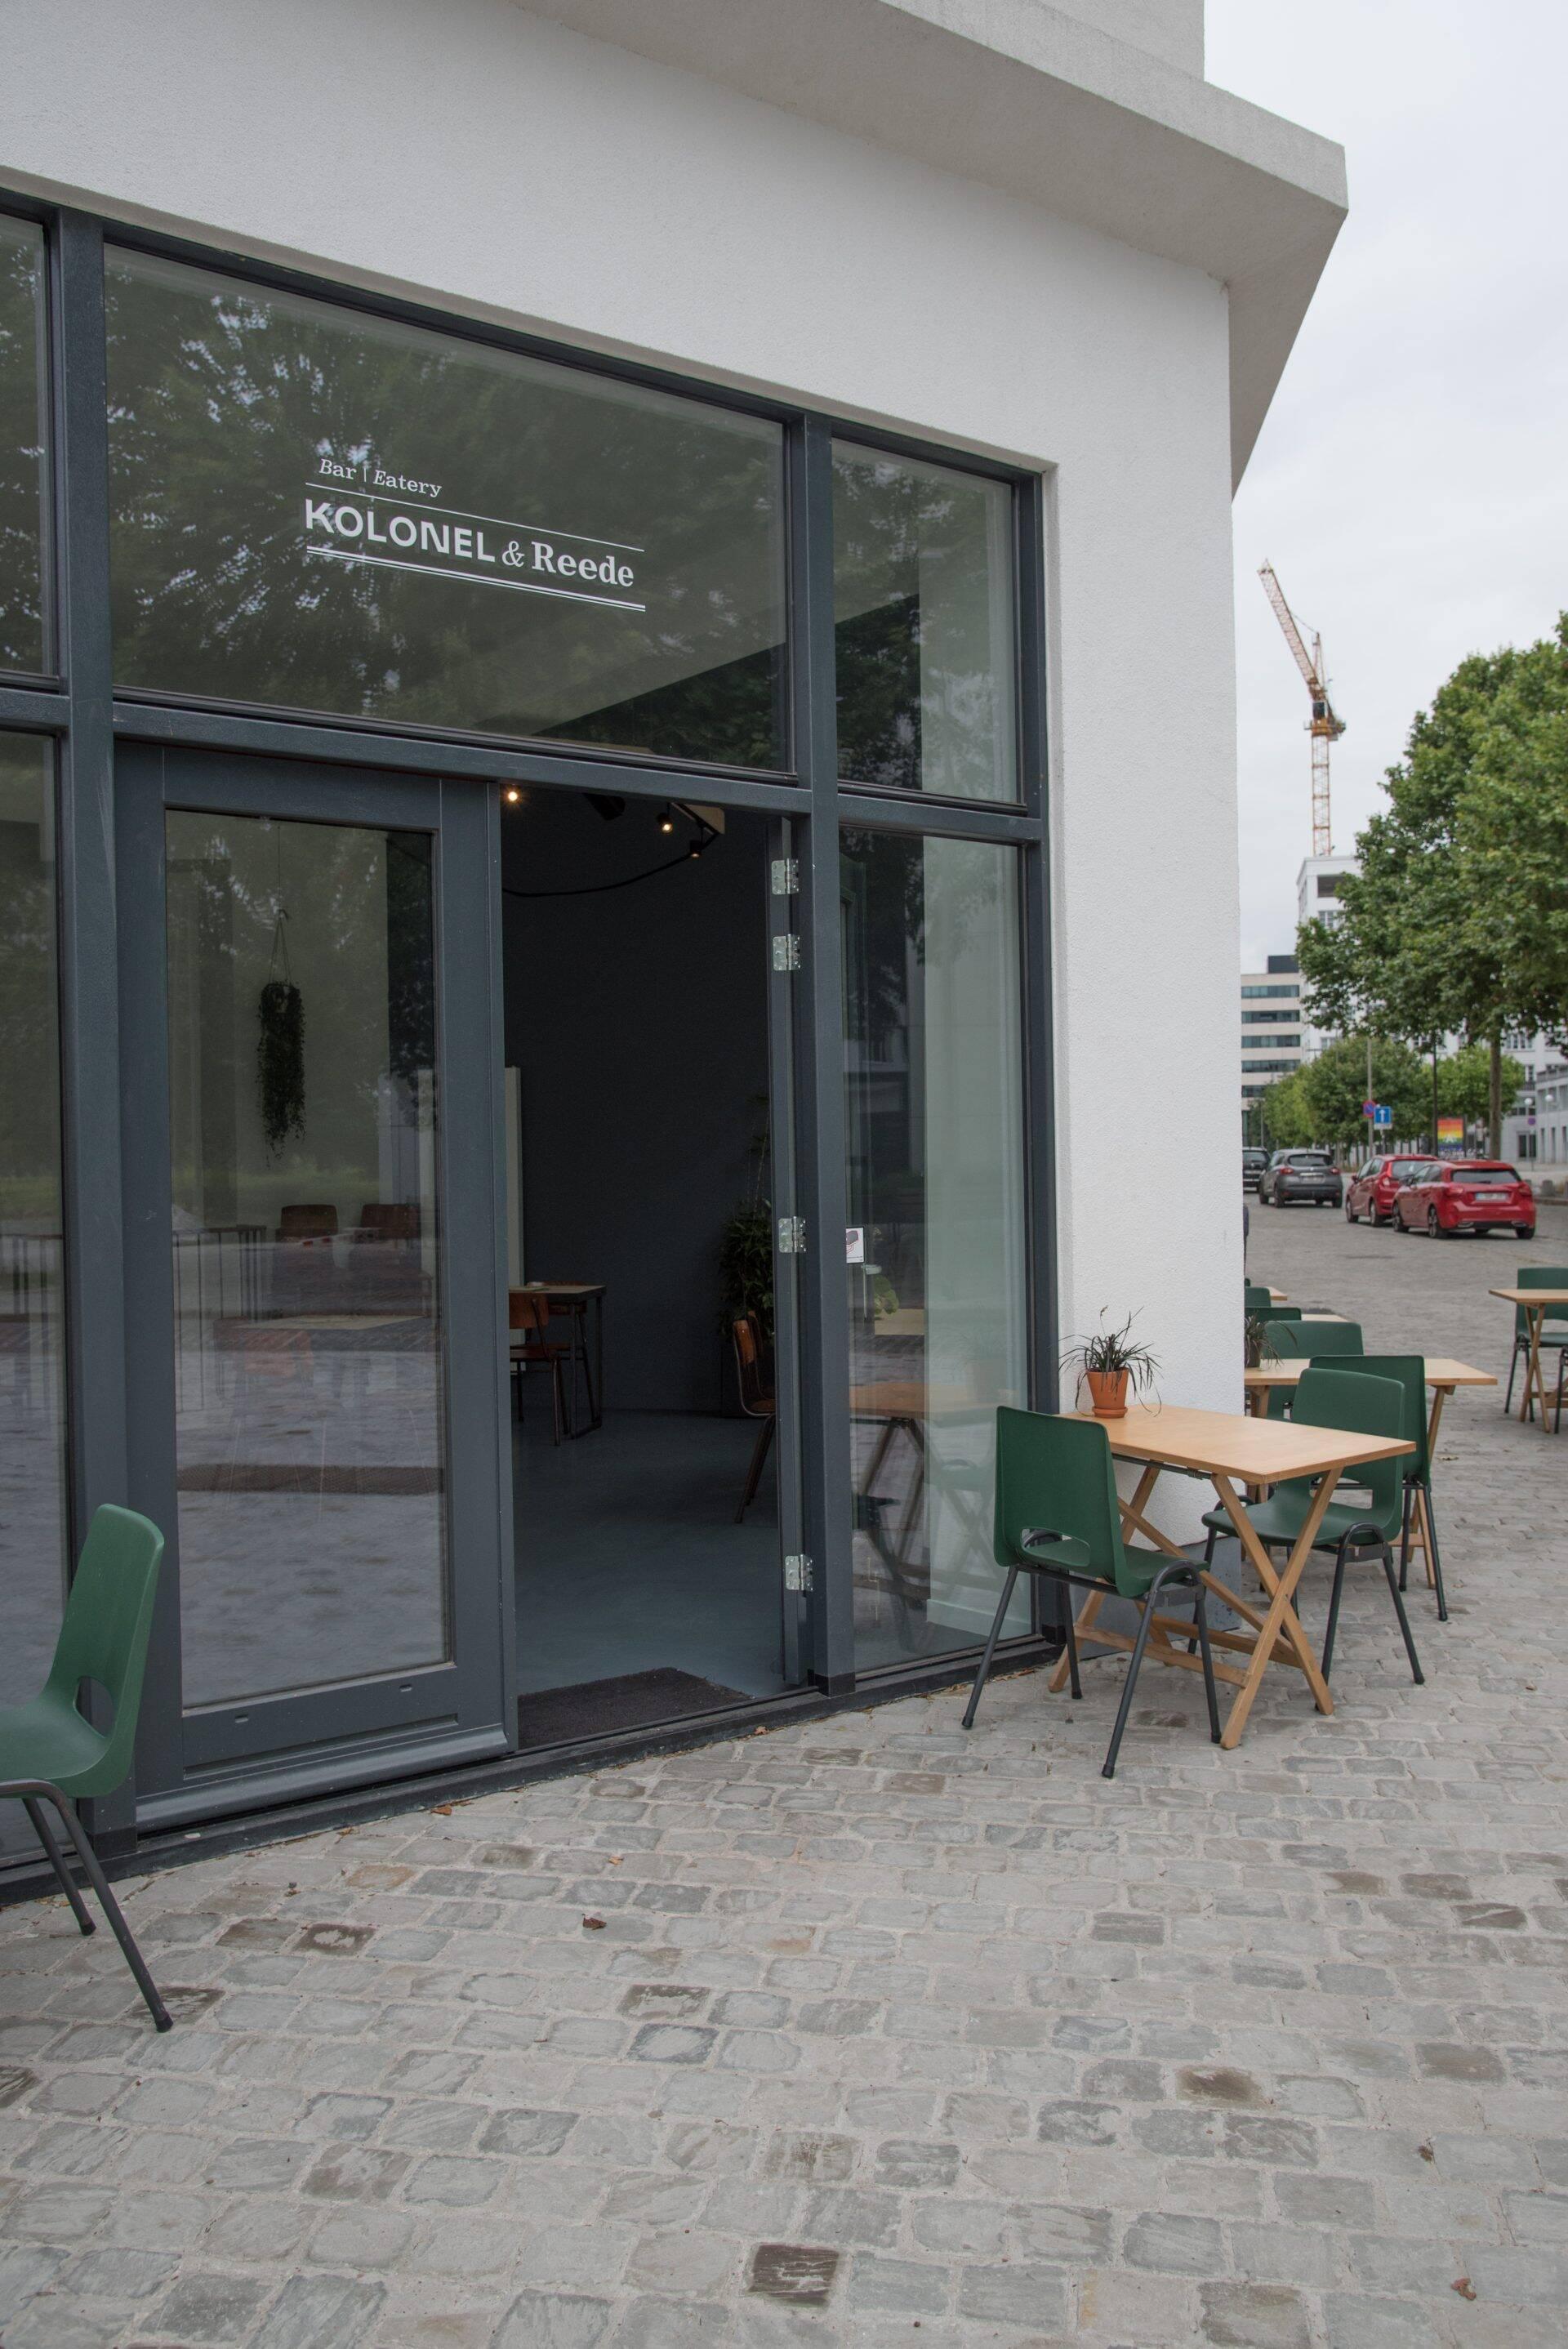 Kolonel & Reede in Antwerpen